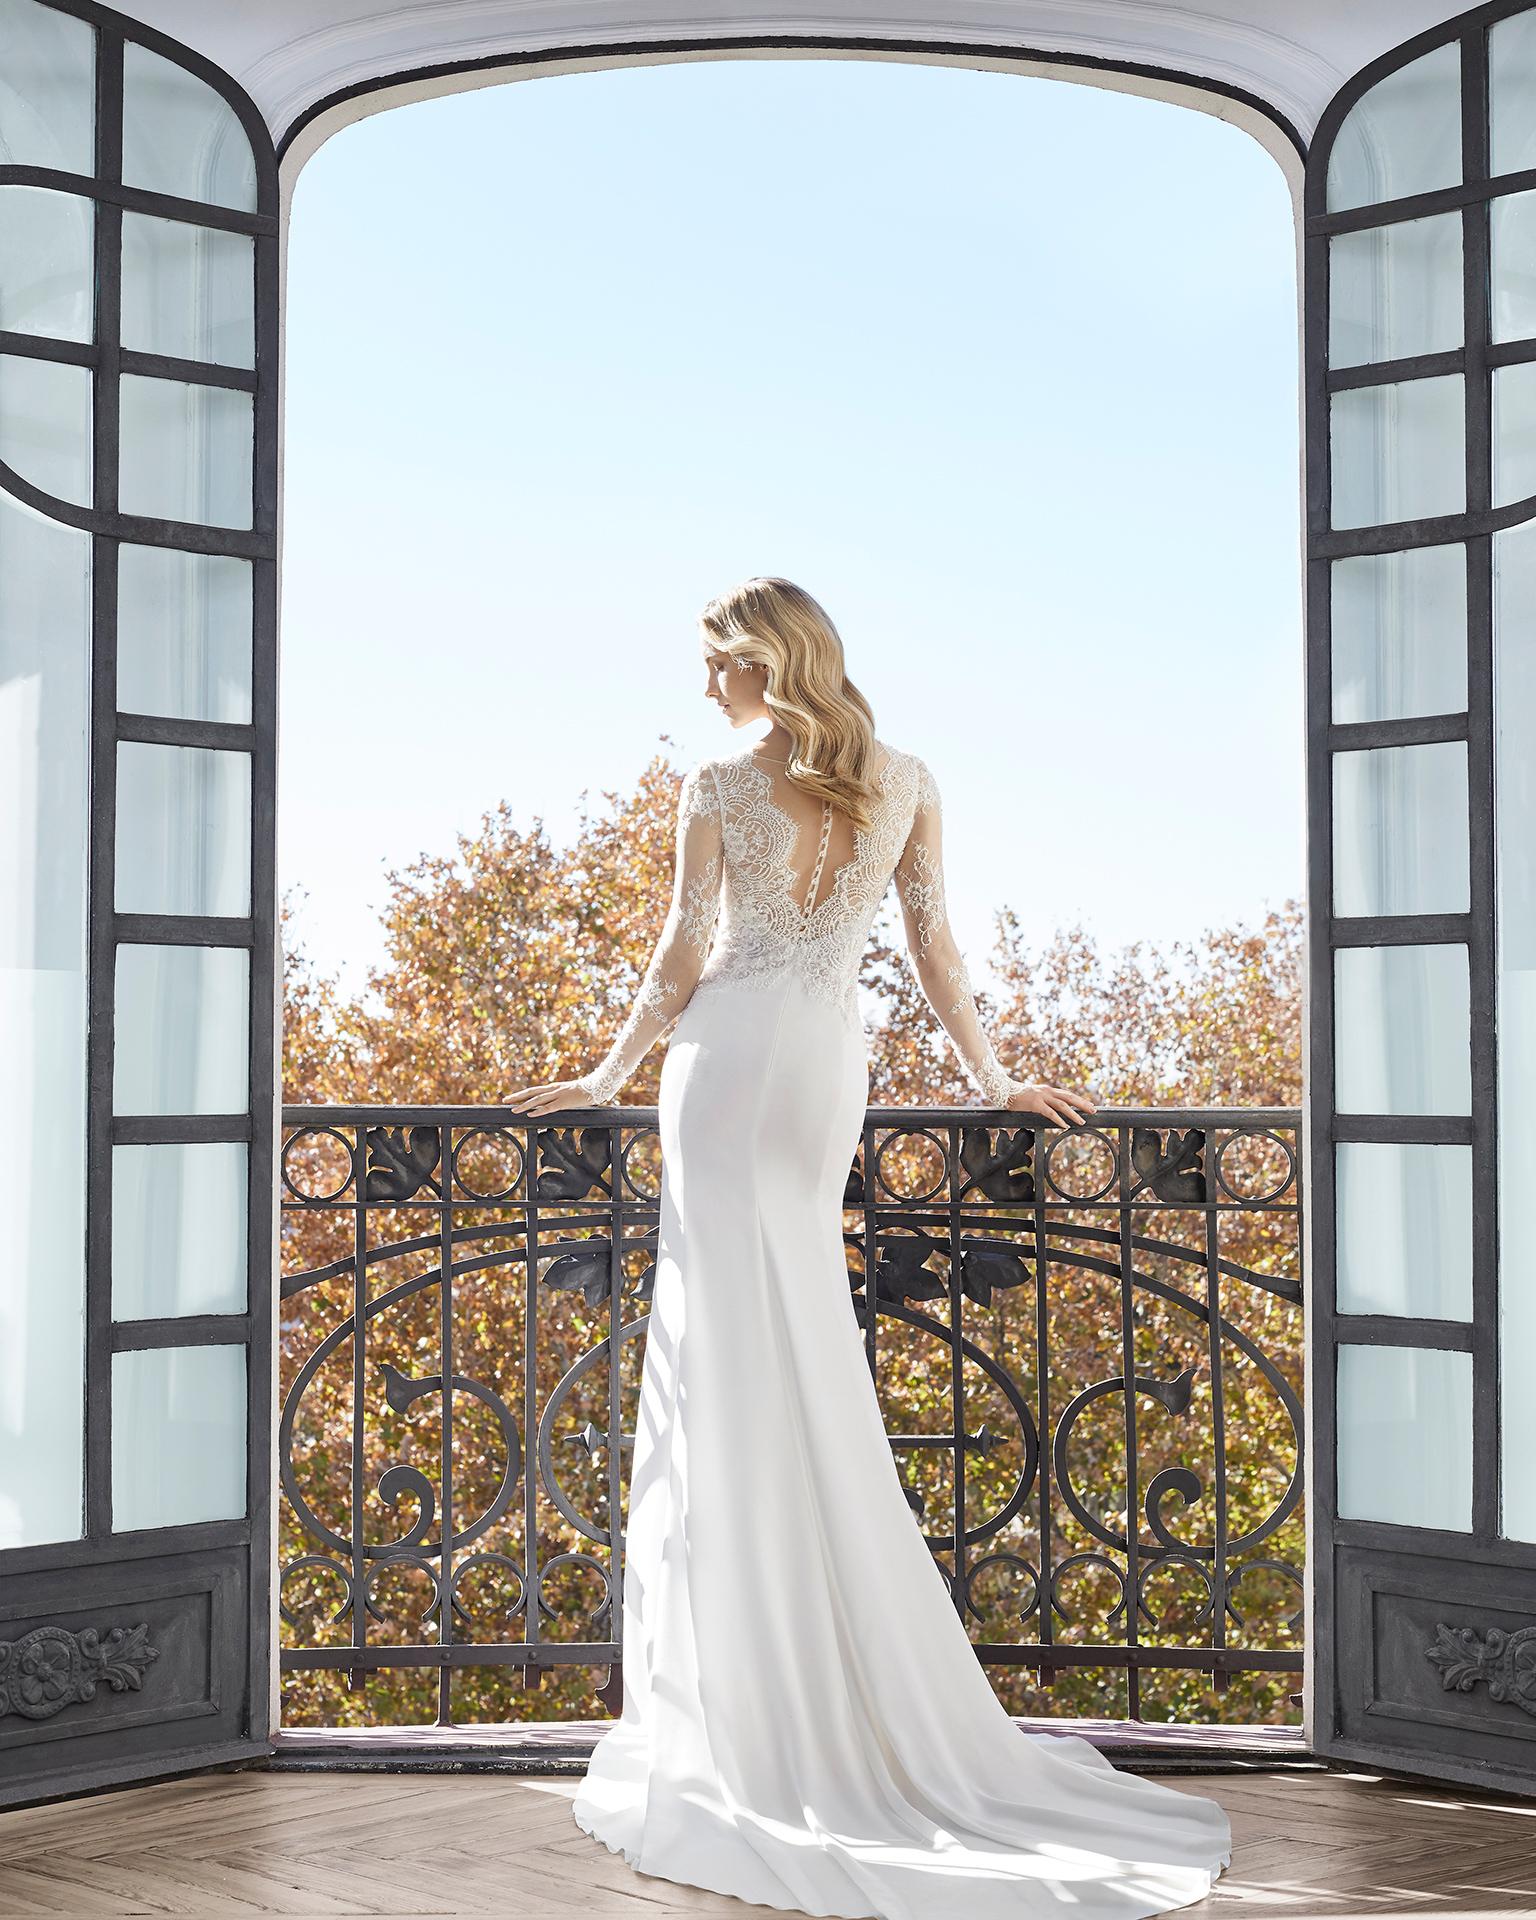 Vestido de novia corte recto en crepe, encaje y pedrería. Escote V, manga larga y espalda V. Disponible en color natural. Colección AIRE BARCELONA 2019.